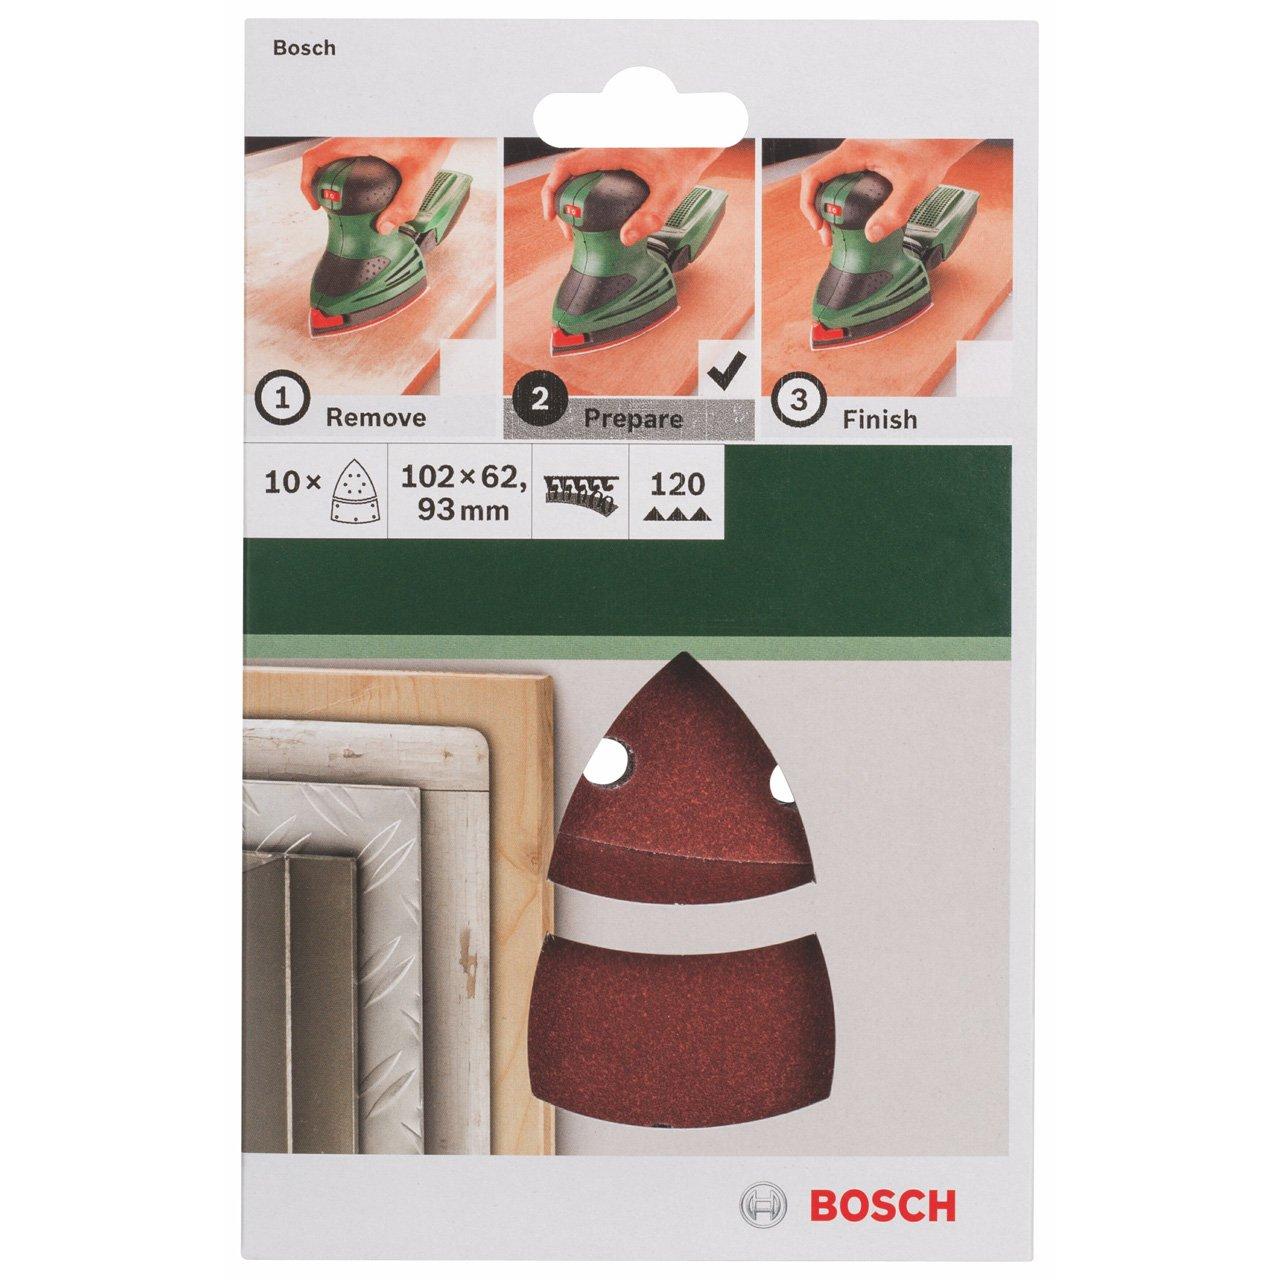 Bosch 2609256A64 Feuilles abrasives pour Ponceuses Multi 102 x 62,93 Nombre de trous 11 Grain 120 Lot de 10 feuilles